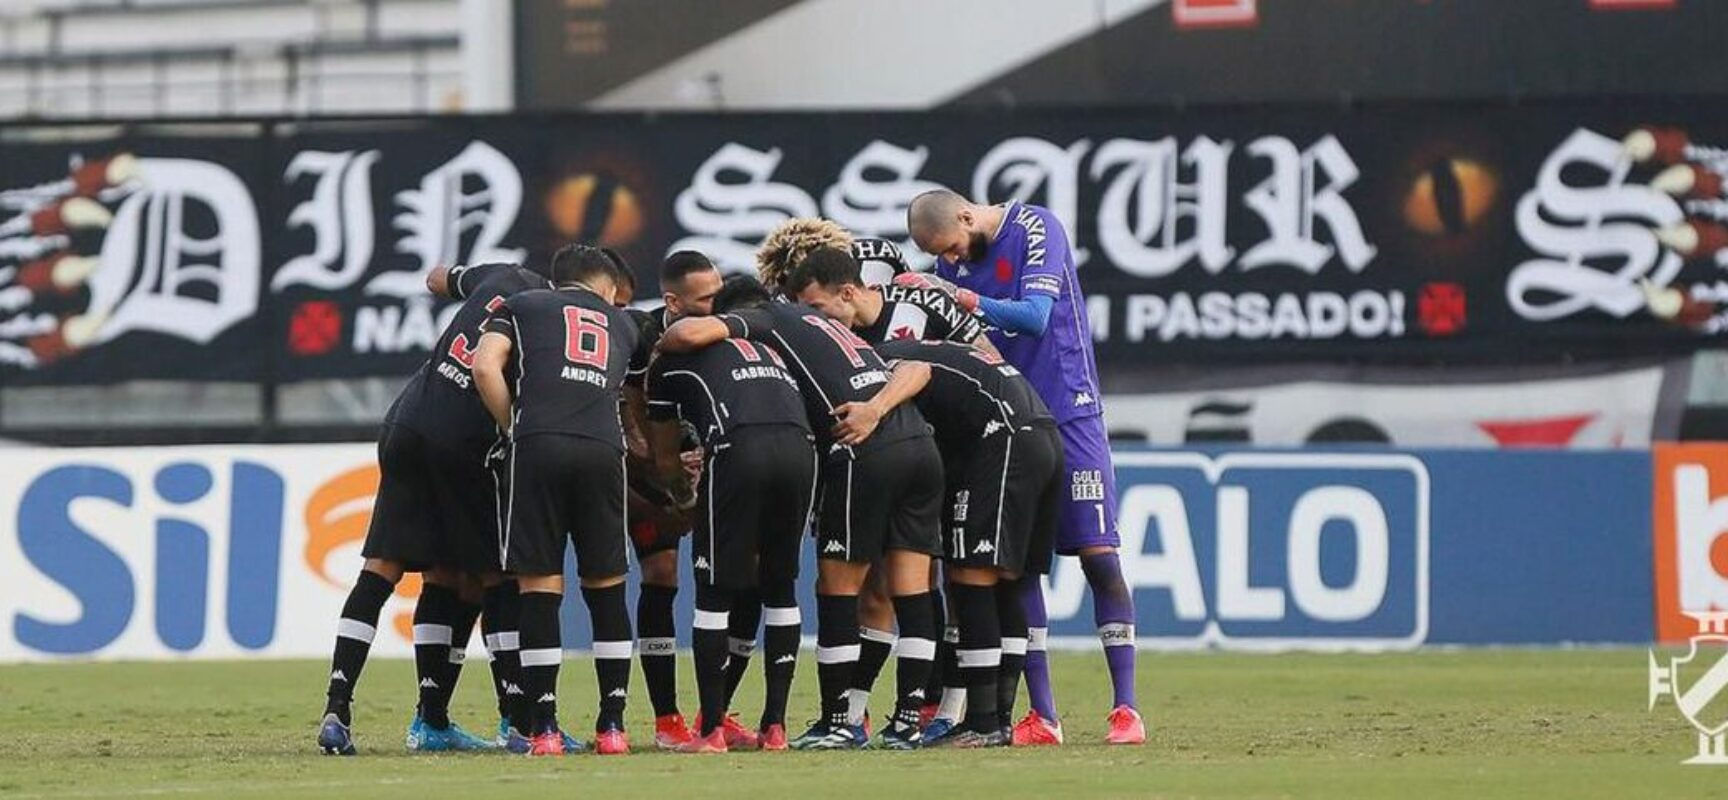 Vasco vence o Confiança e chega à sexta posição na Série B